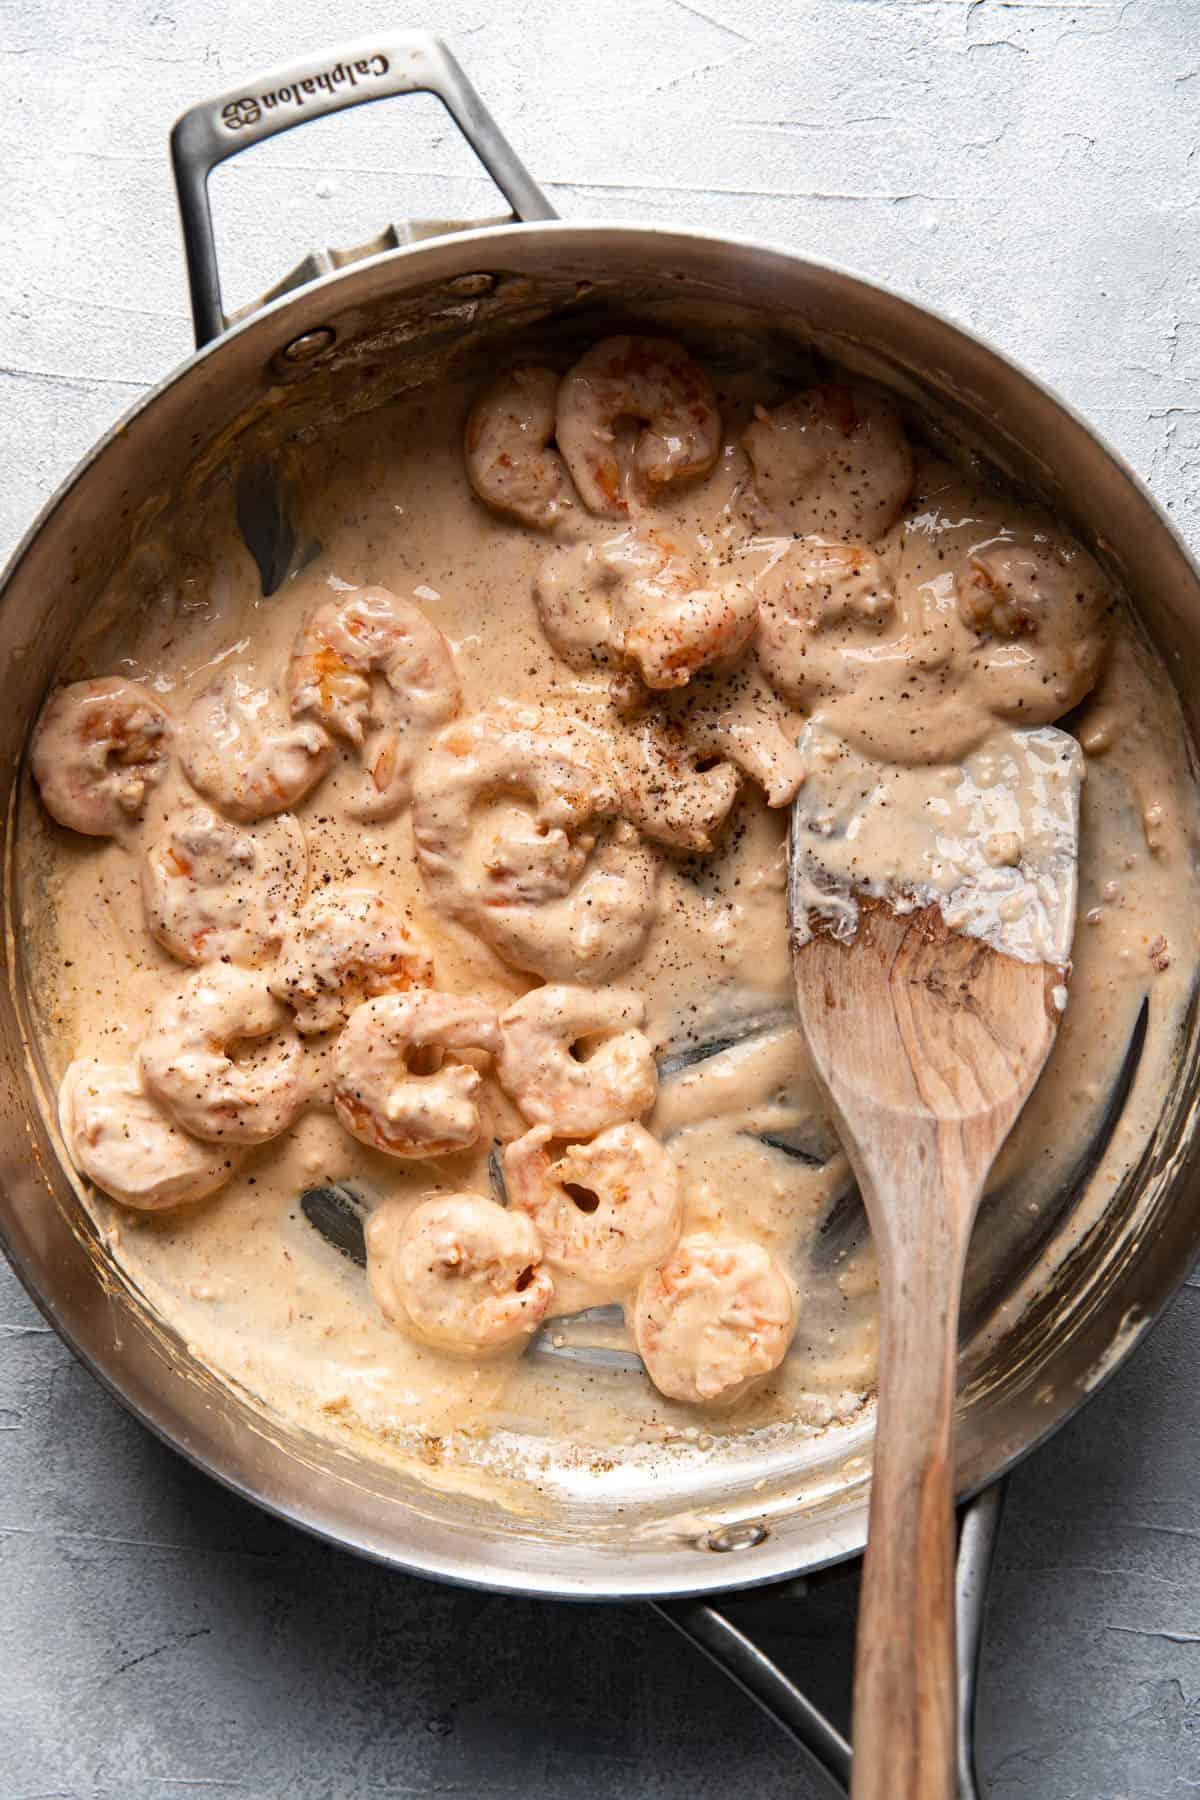 bang bang shrimp in a saute pan.